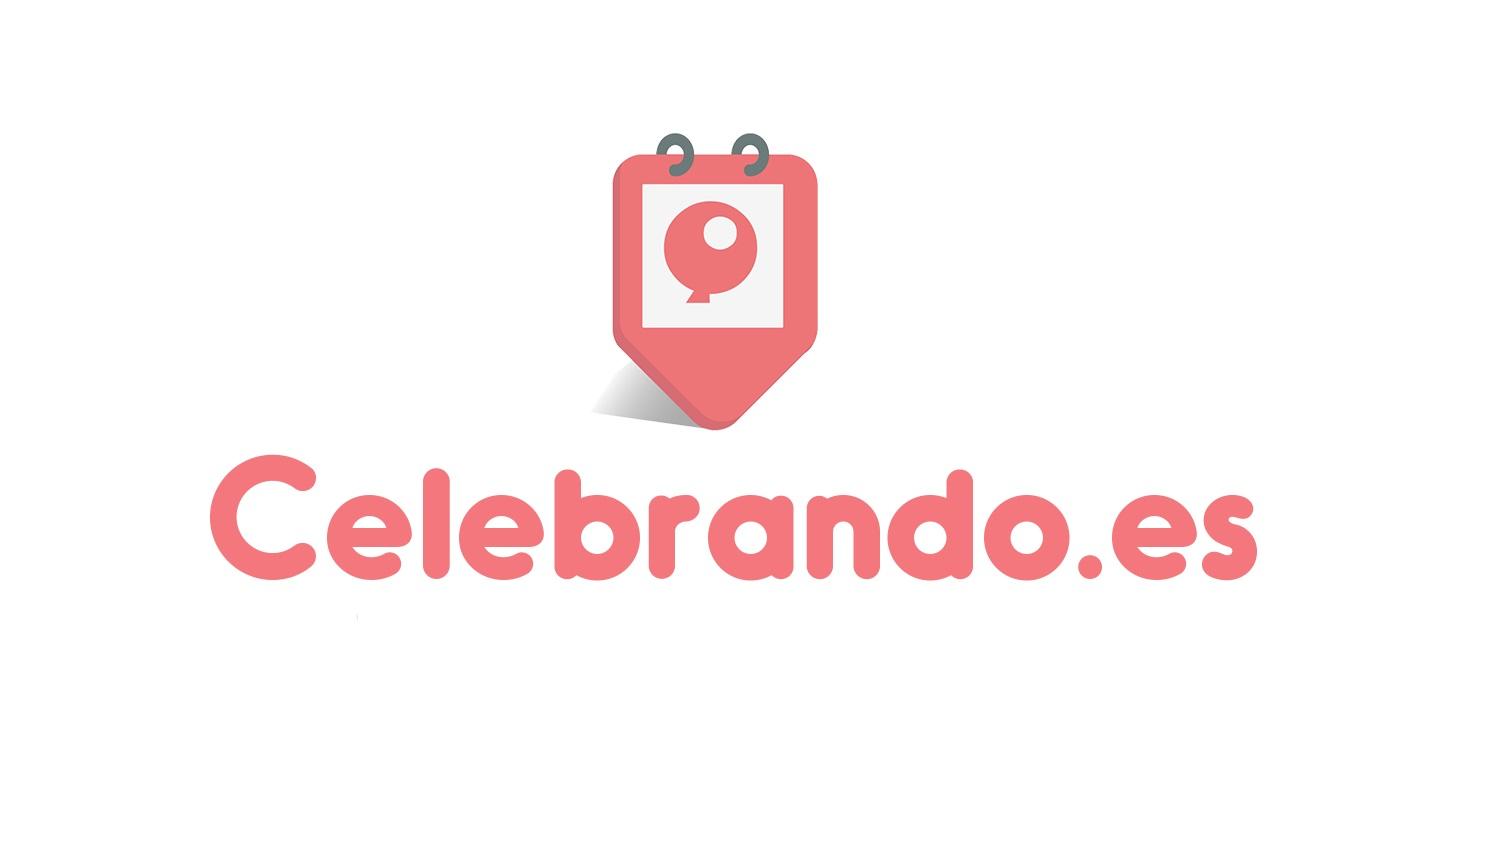 Celebrando.es